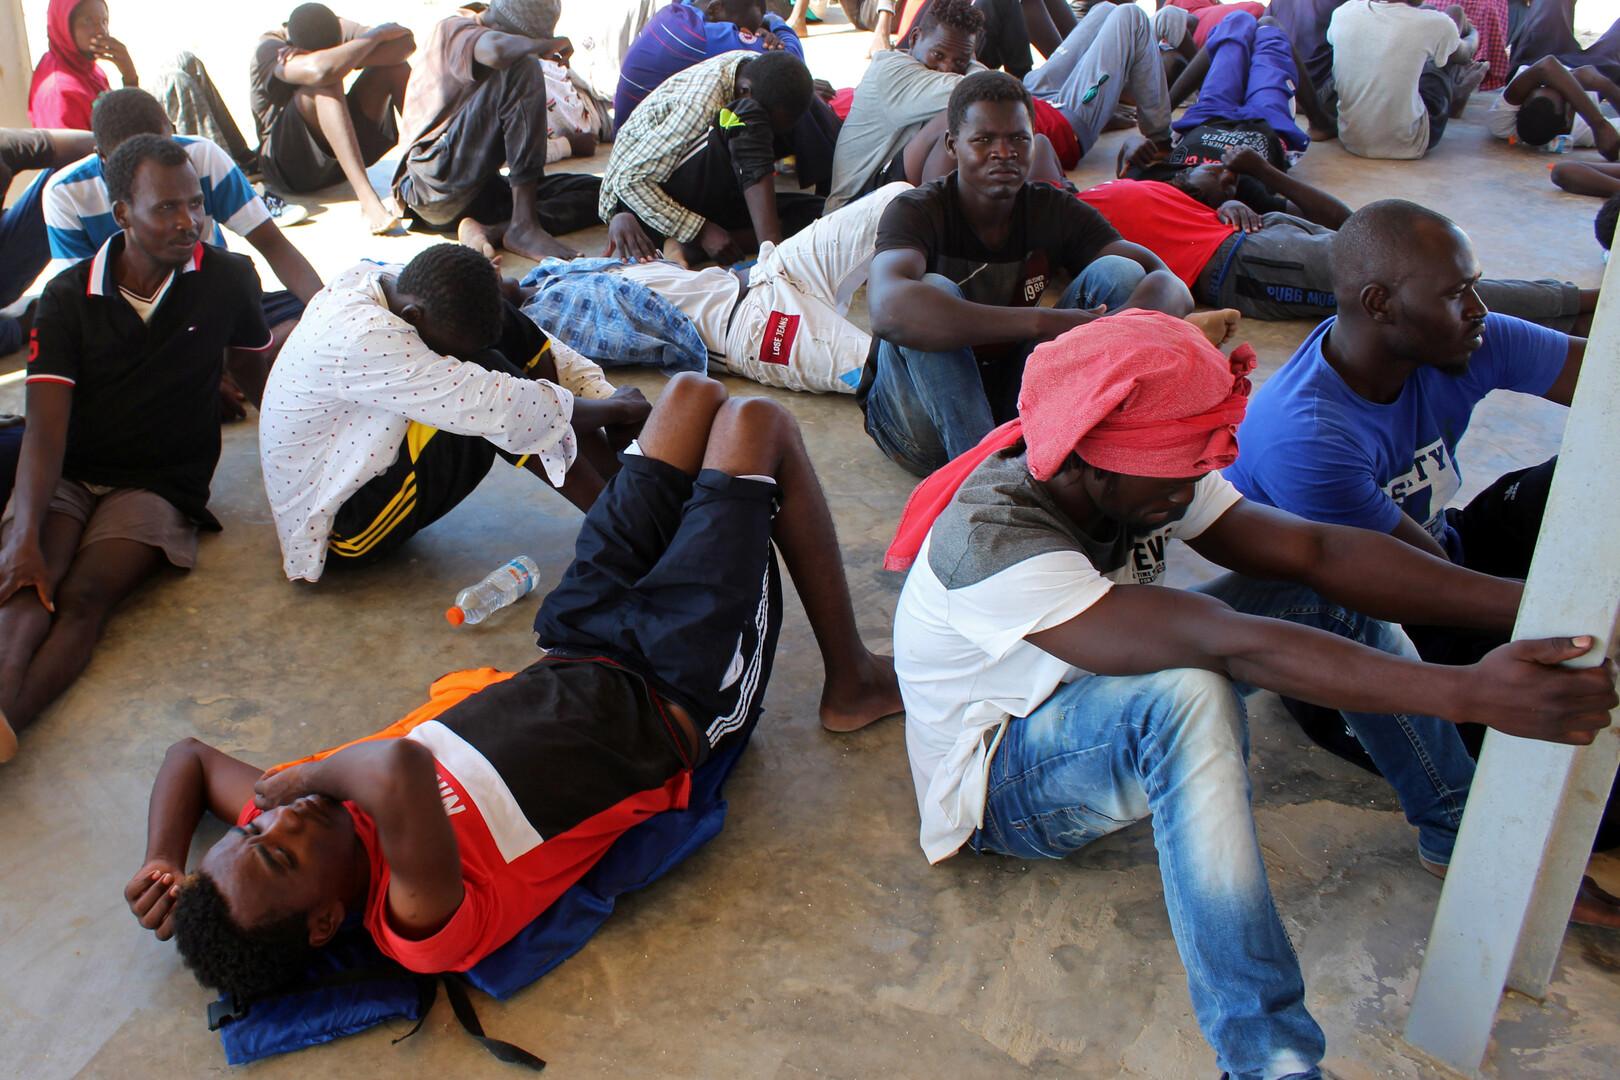 خفر السواحل الليبي ينقذ قرابة 500 مهاجر غير شرعي